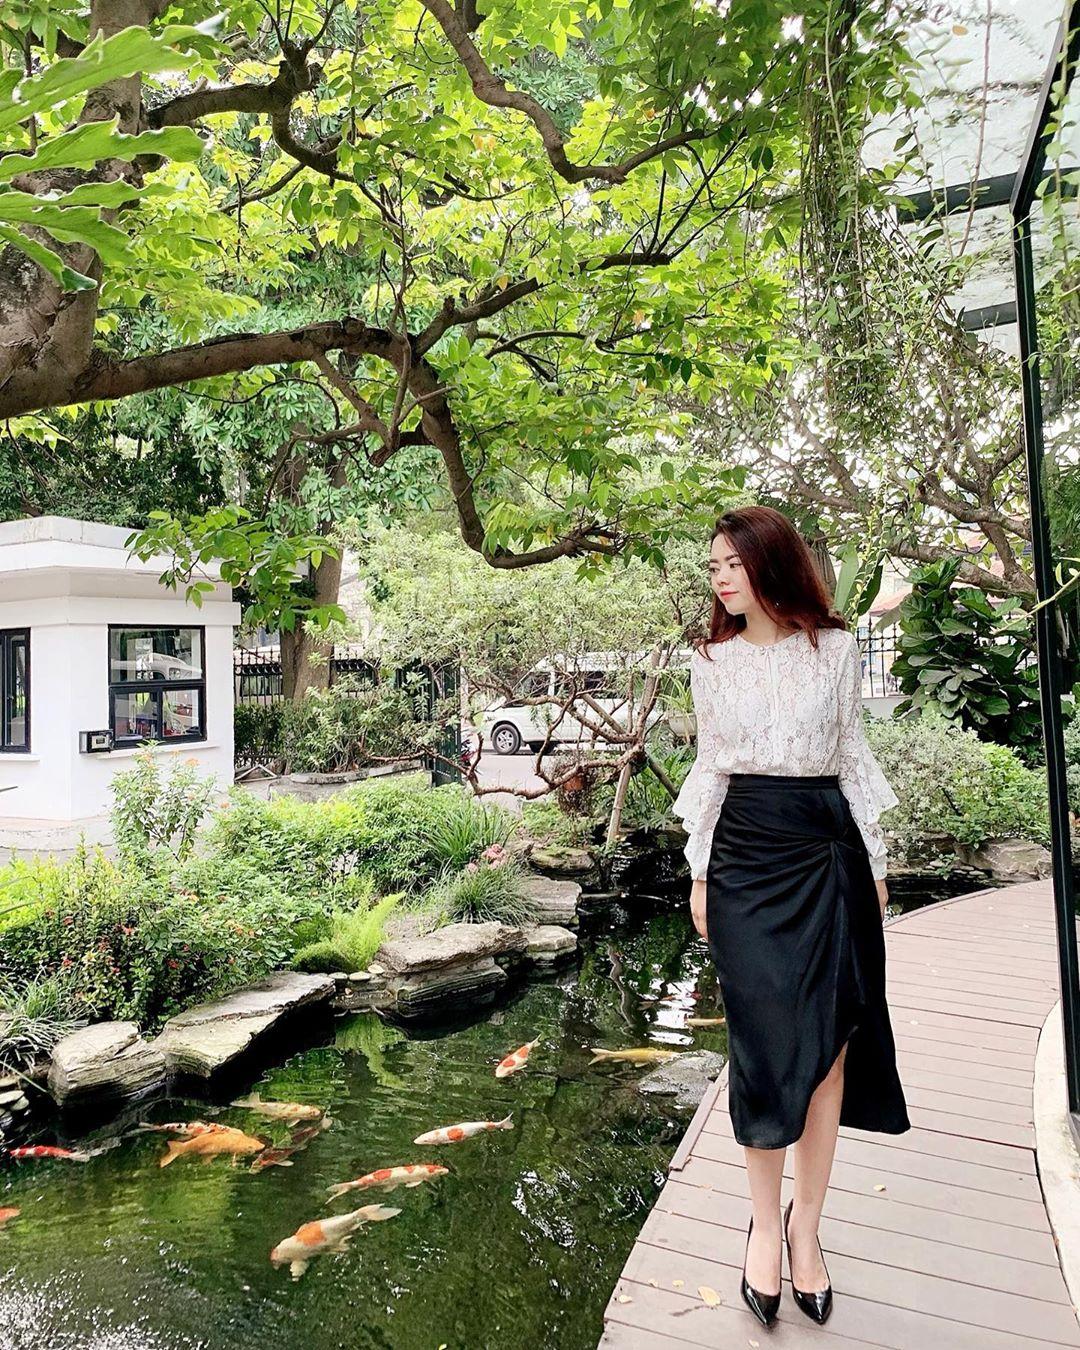 giai-nhiet-mua-he-quan-The Ylang Gardenista coffee-view-dep-o-ha-noi-ivivu-5